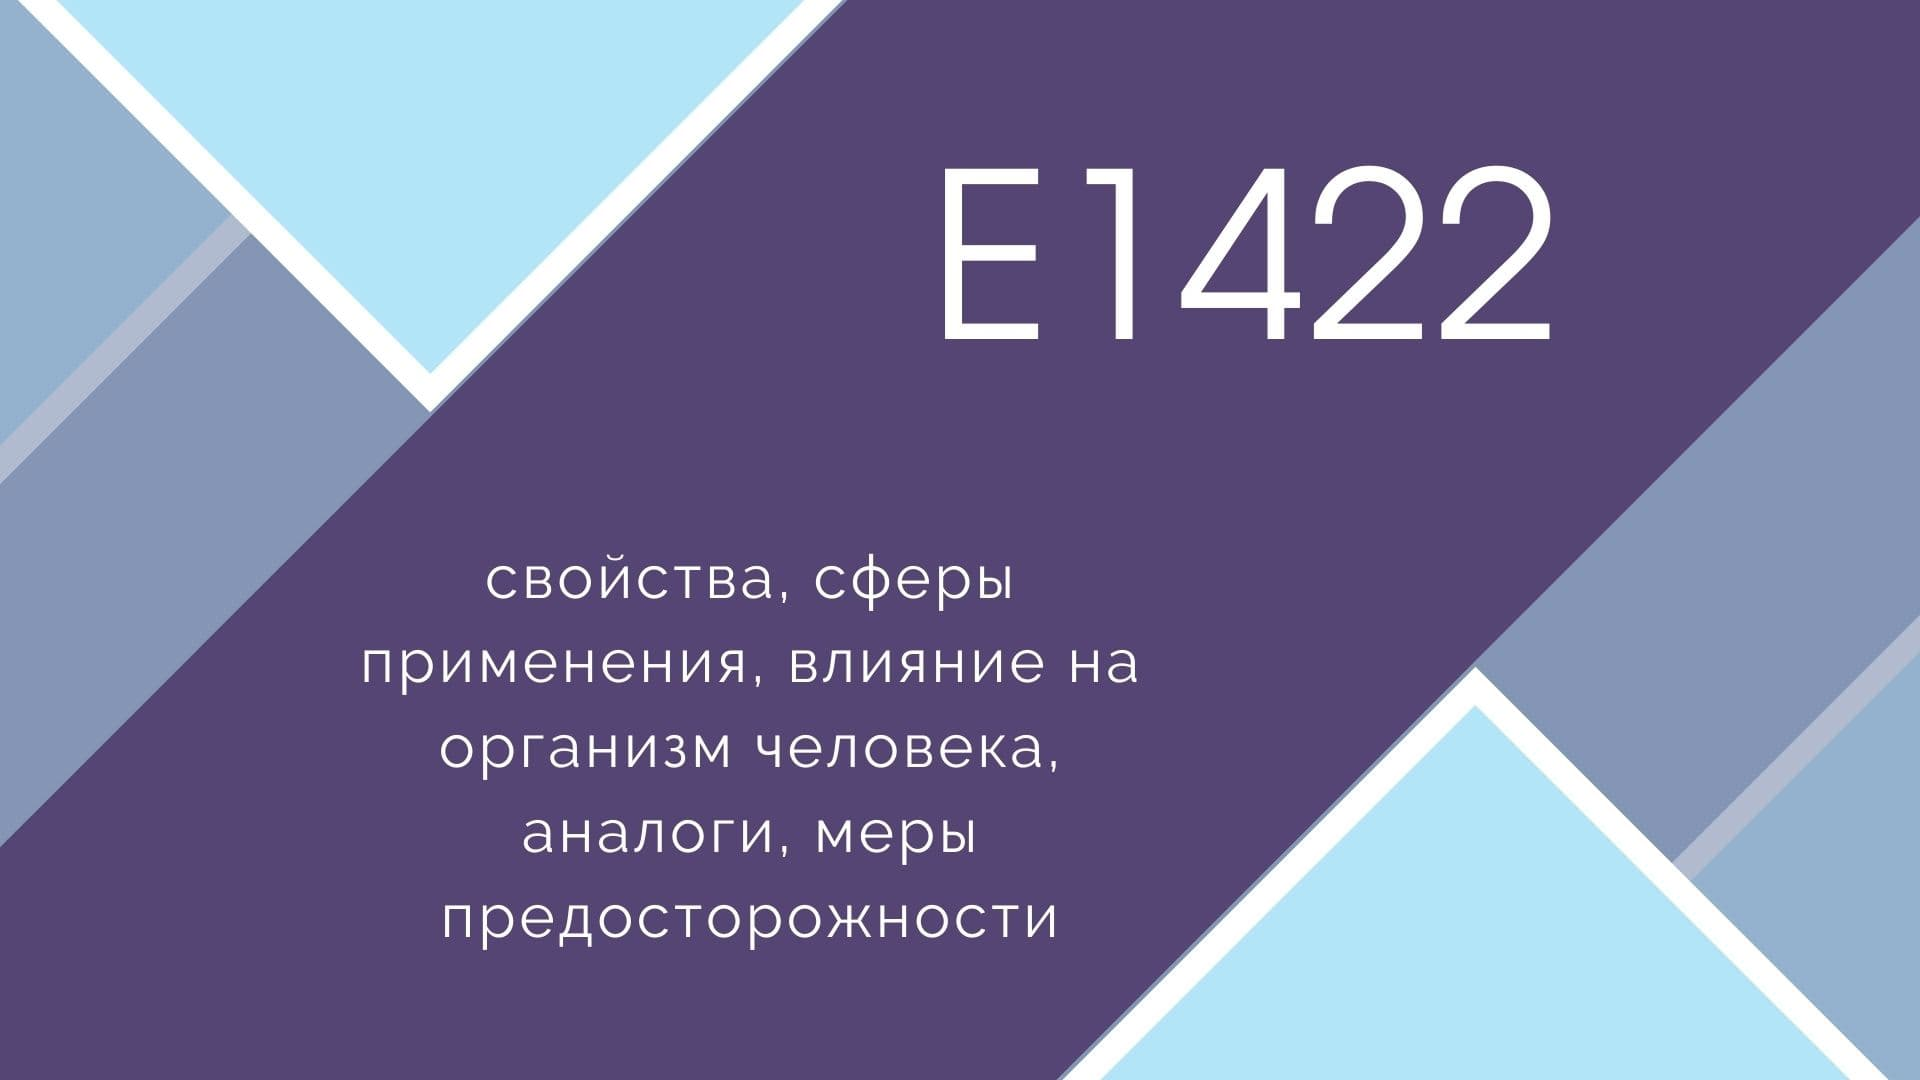 Е1422: свойства, сферы применения, влияние на организм человека, аналоги, меры предосторожности